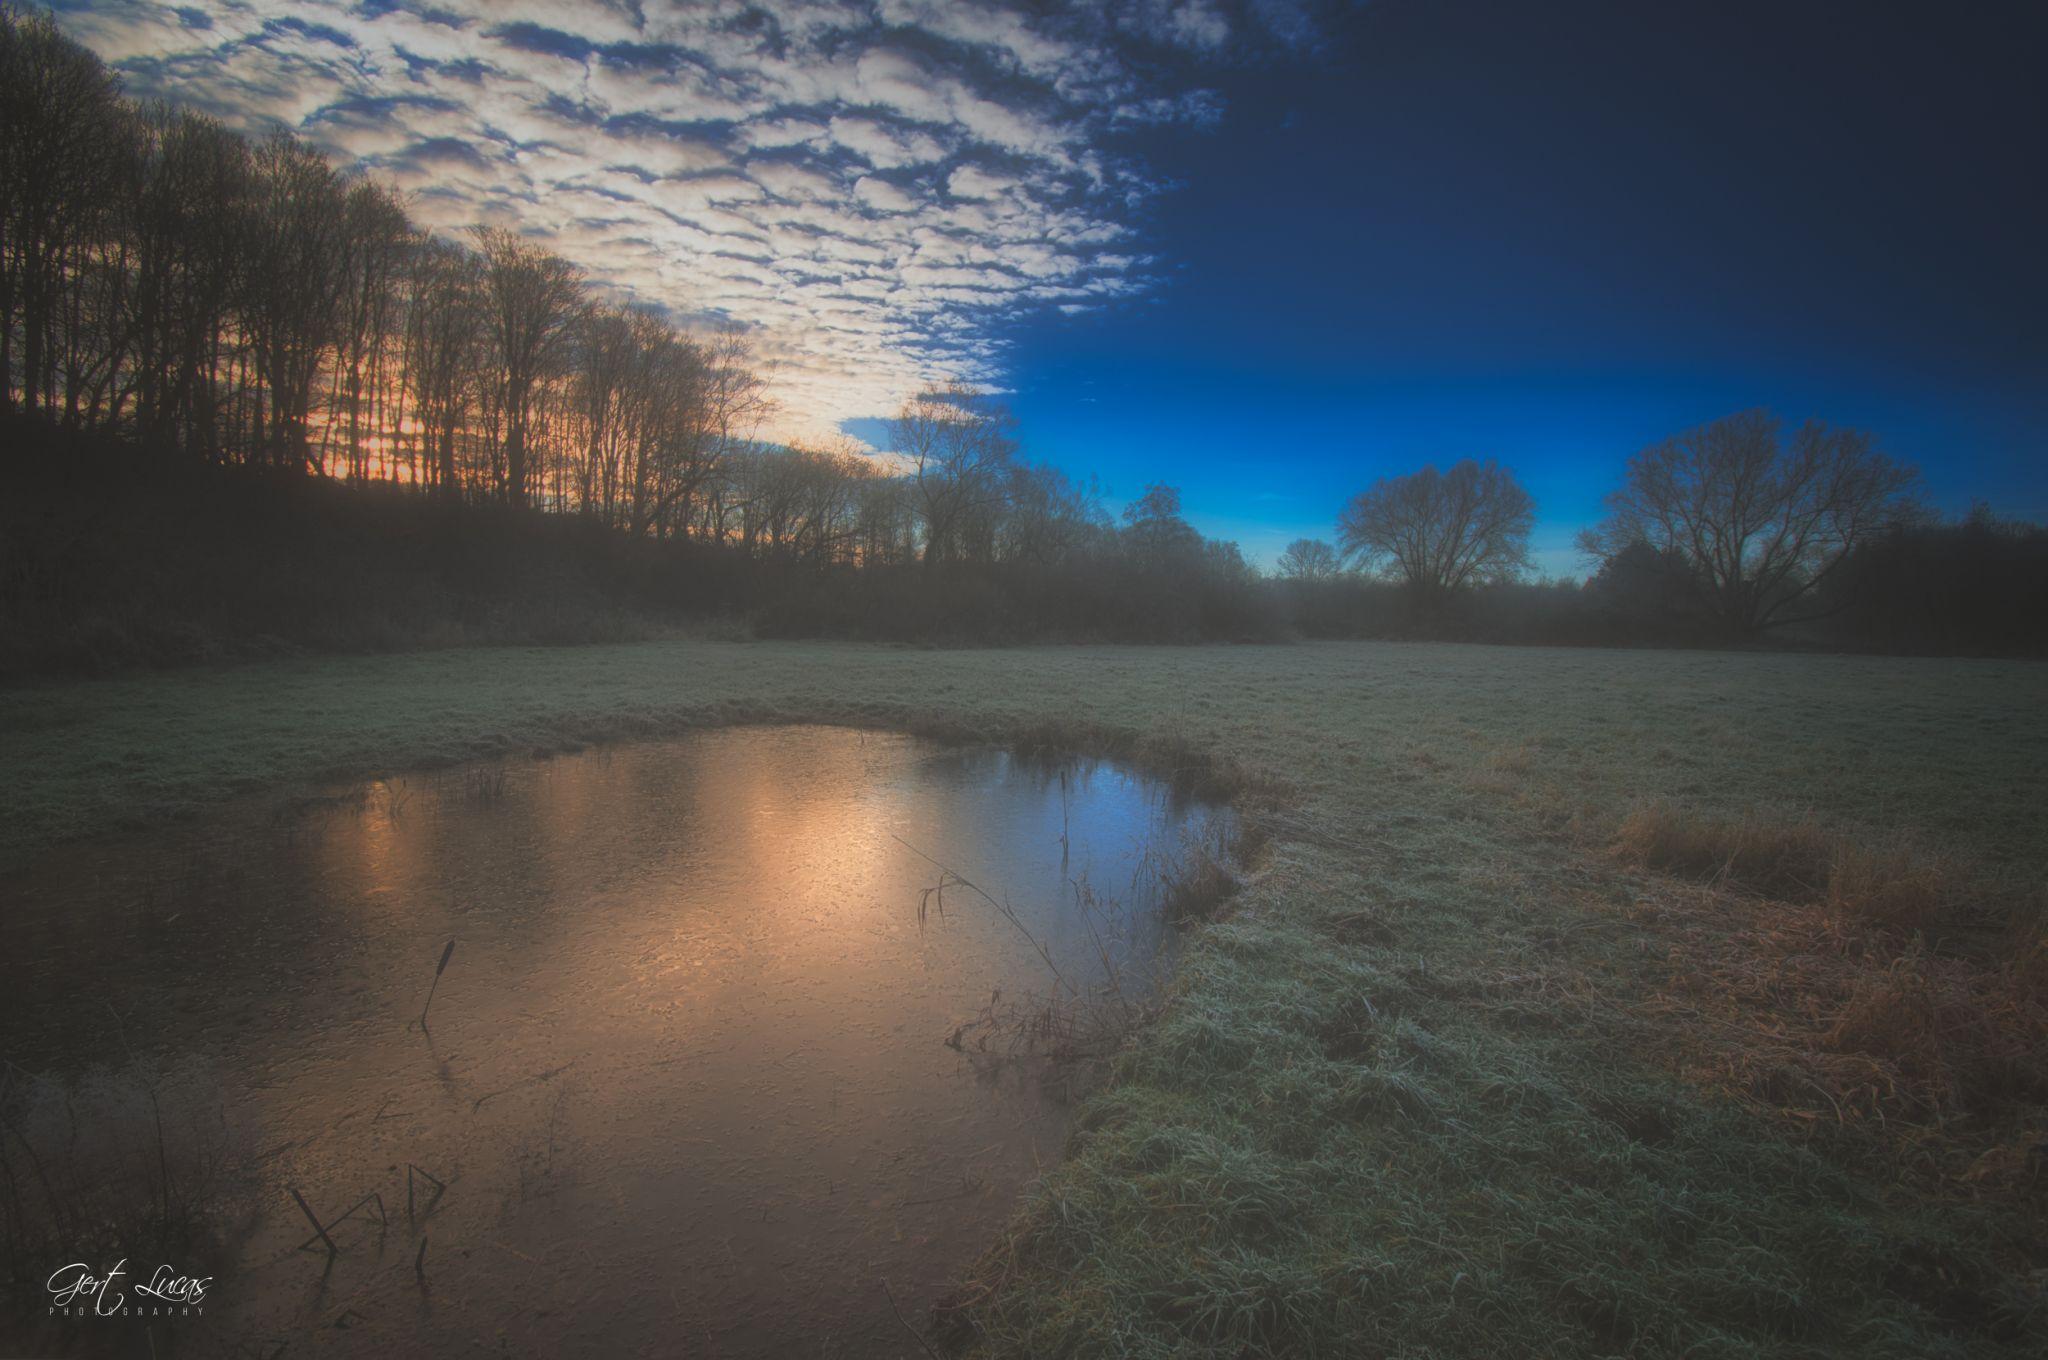 Malakoff - iced reflection, Belgium